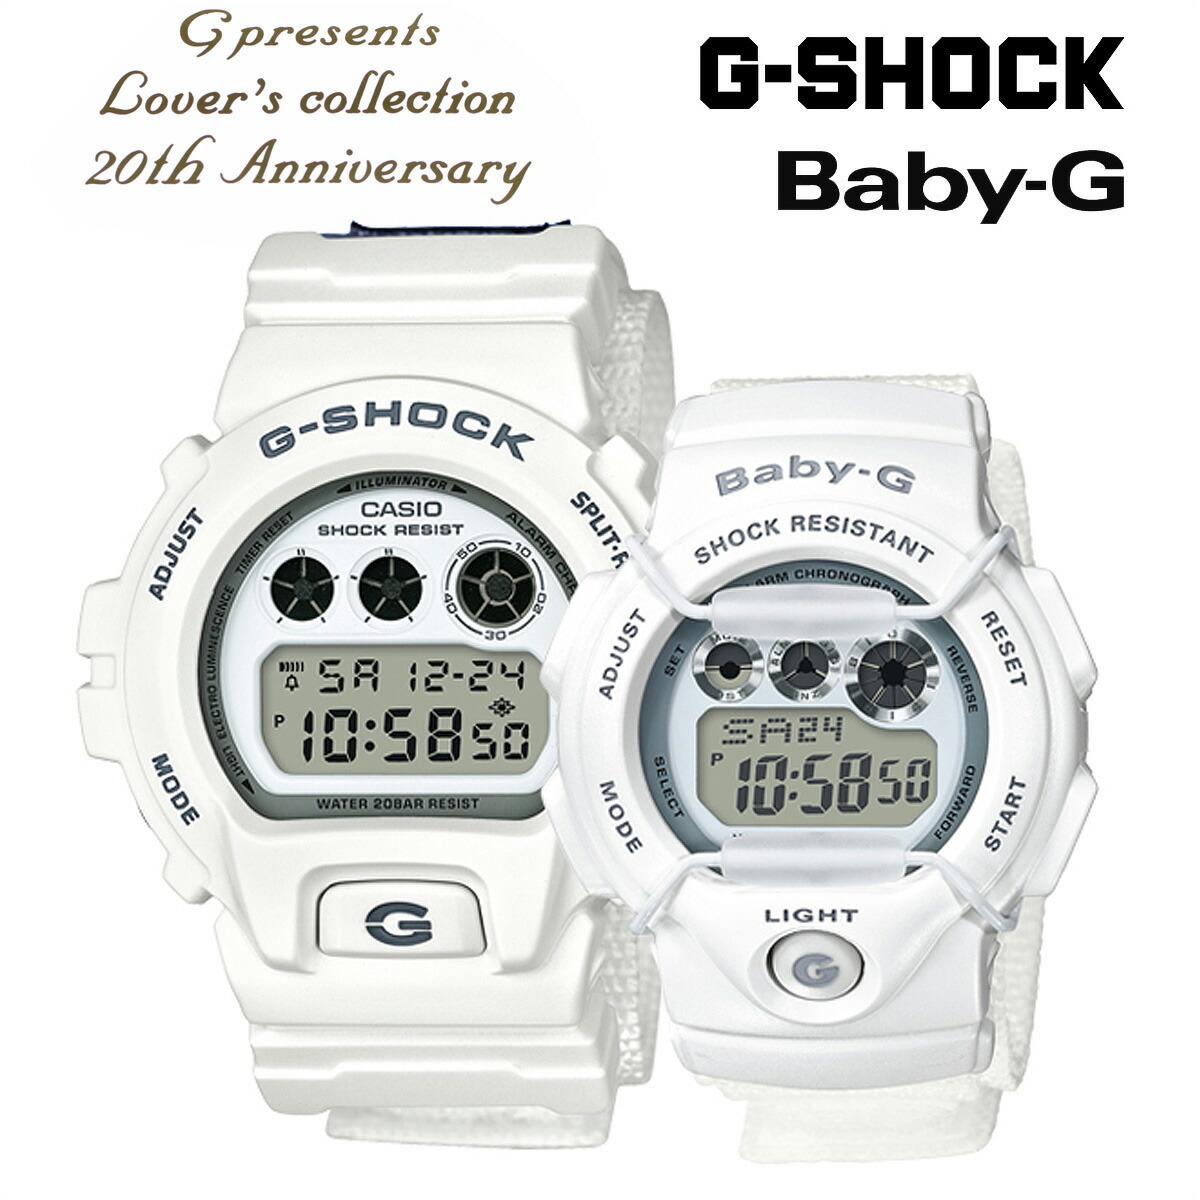 d4ac803eb4 カシオ CASIO G-SHOCK BABY-G 腕時計 Gショック メンズ レディース LOV-16C-7JR G PRESENTS LOVER'S  COLLECTION 2016 ペアウォッチ セール